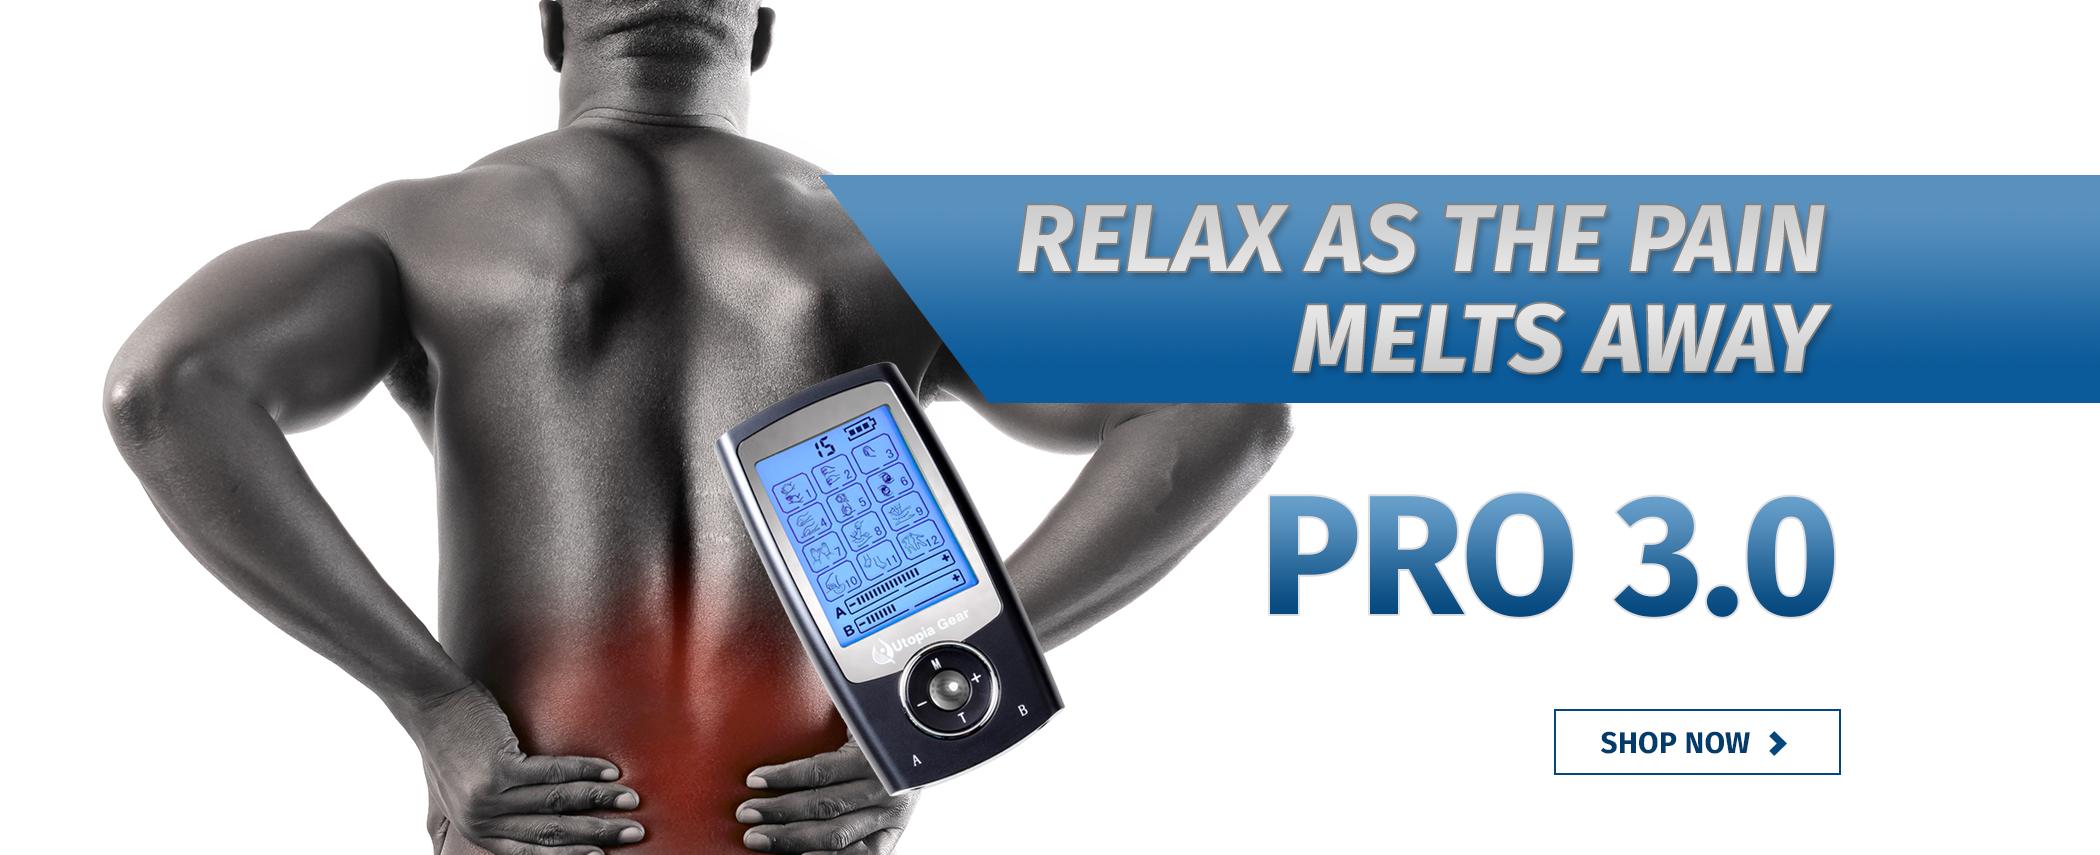 Shop now for Massage Pro 3.0